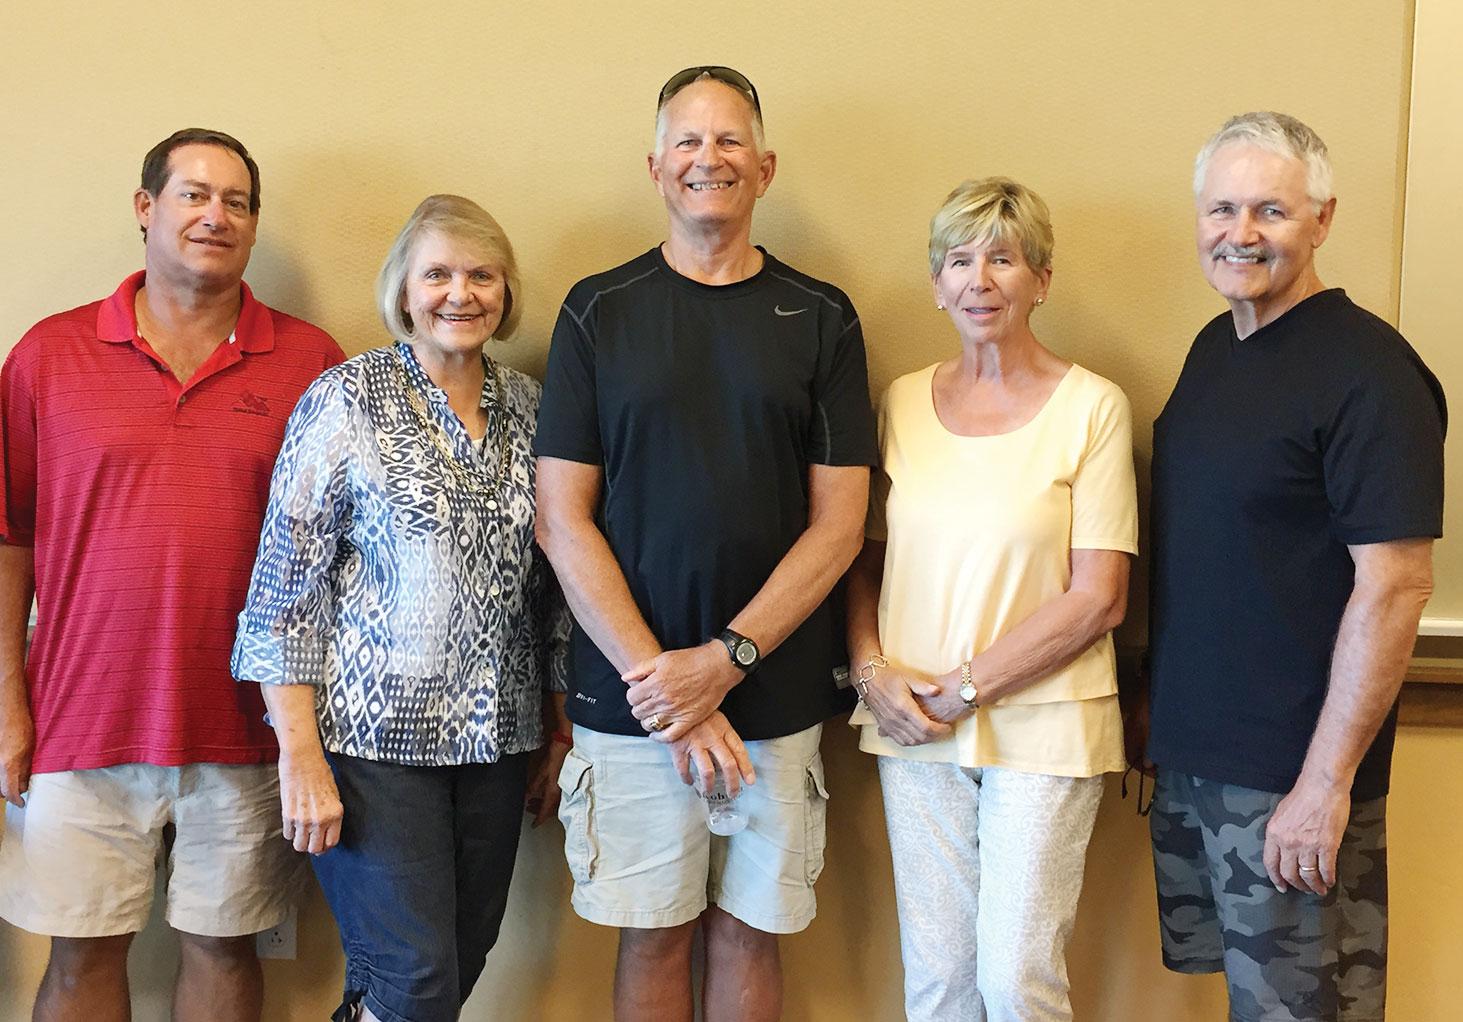 SBRTA 2017 Officers, left to right: Elmer Klavetter, Treasurer; Sandy Schlager, Secretary; Steve Ordahl, President; Beana Ordahl, Membership Chairperson; and Wes Hurst, Vice President